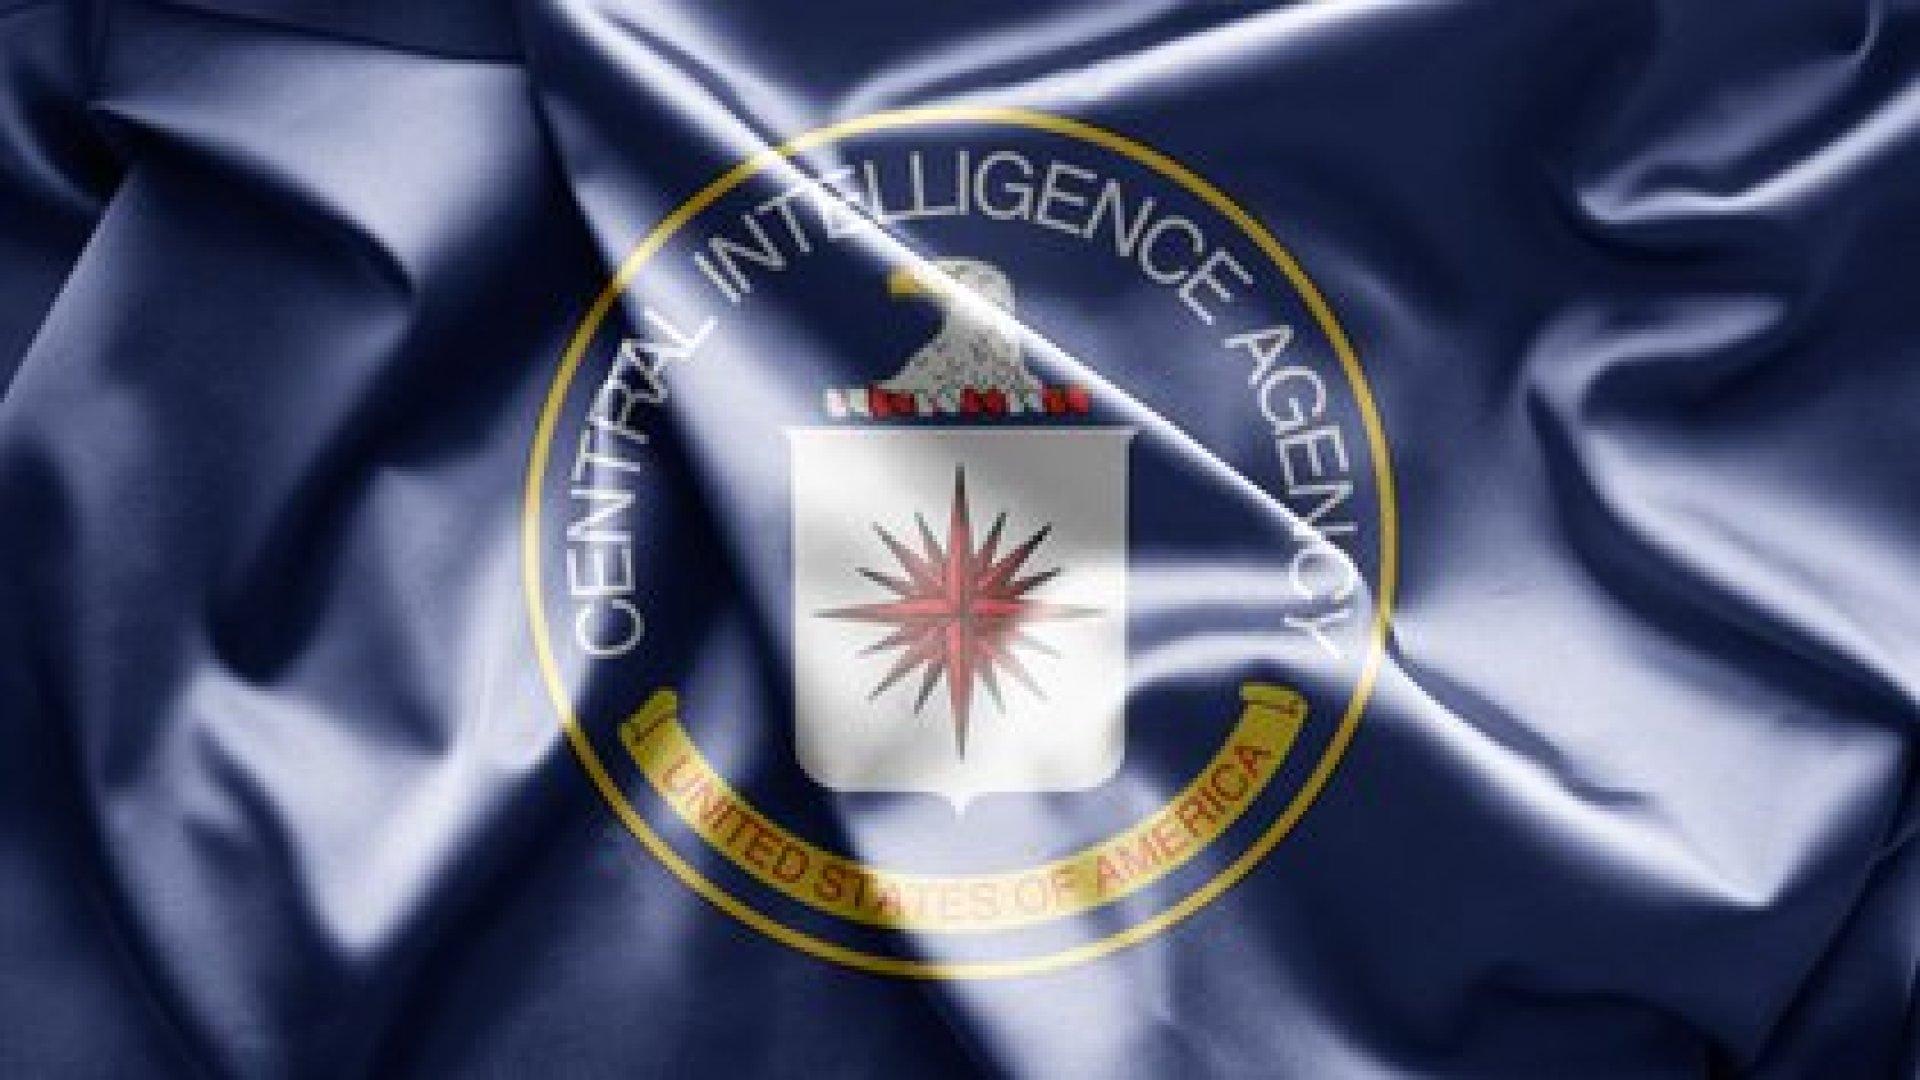 La CIA publicó en Internet sus documentos clasificados hasta 1995 (iStock)